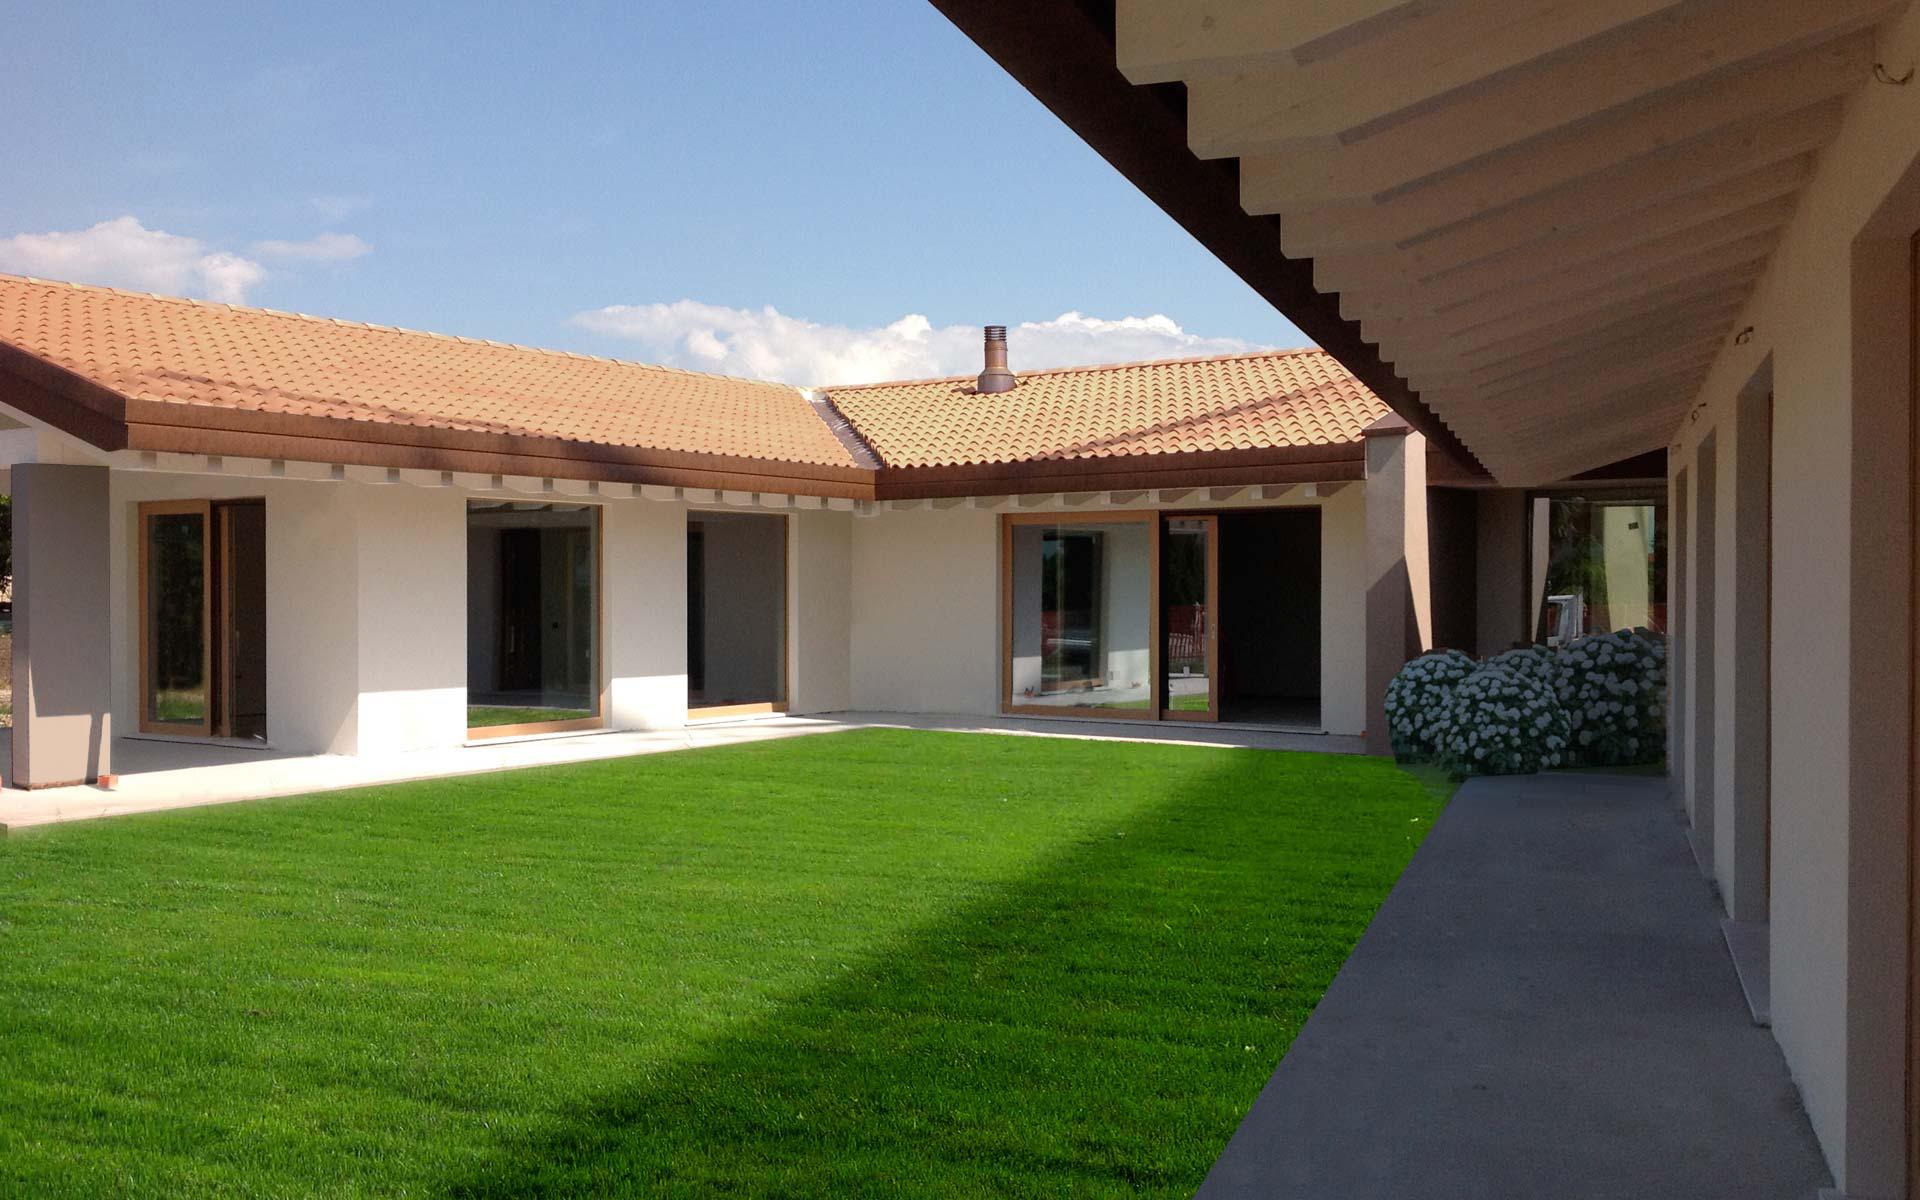 Bio architettura treviso globarch homepage for Casa piano sucursales